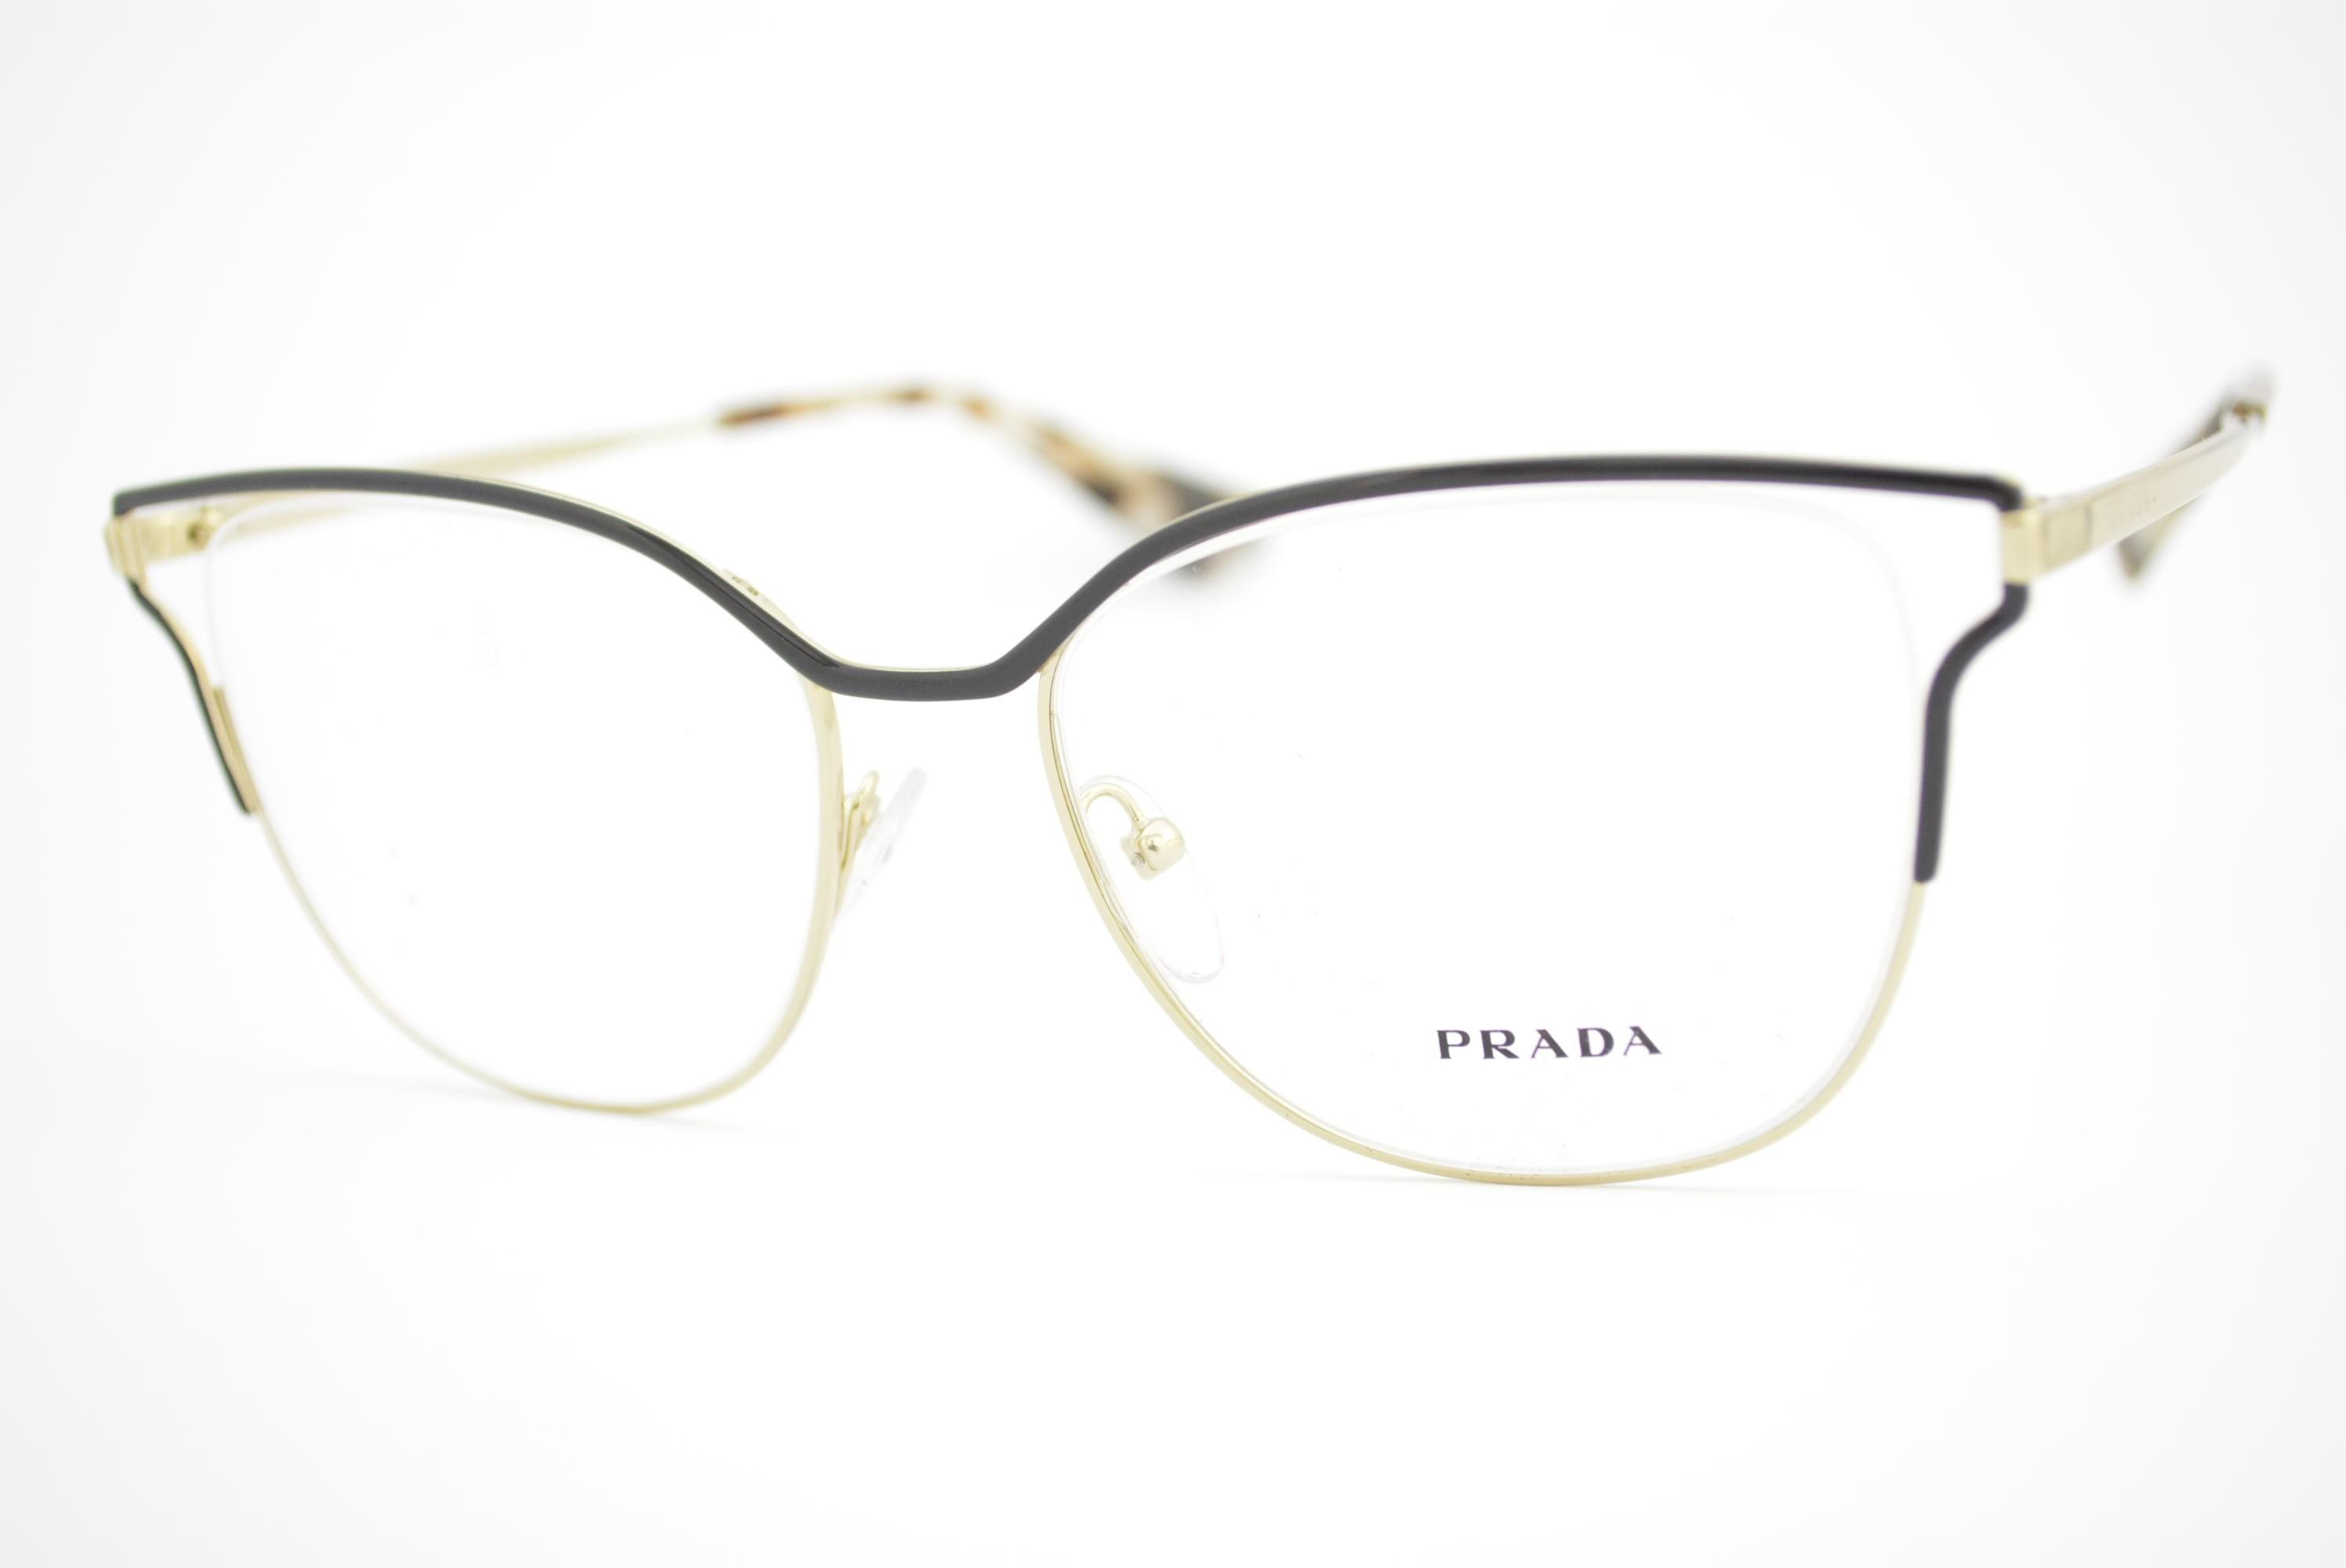 armação de óculos Prada mod vpr54U QE3-1O1 Ótica Cardoso fbdb00d64e